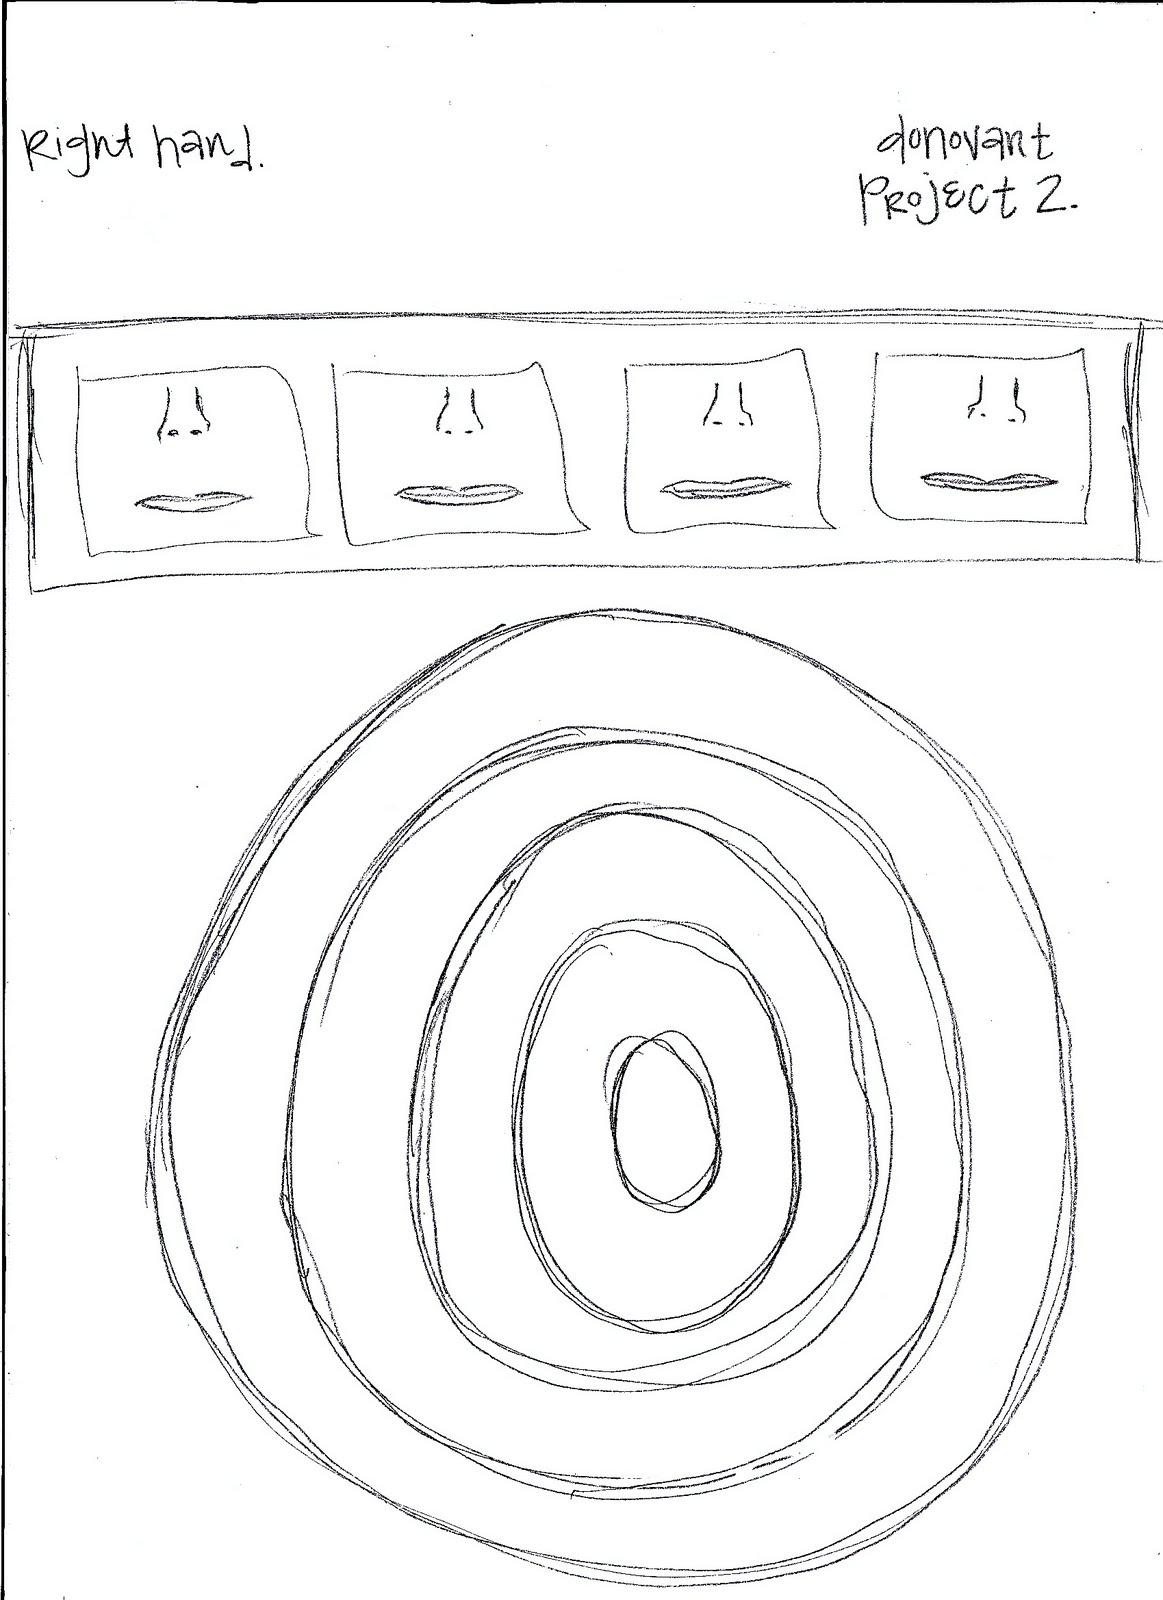 Contour Line Drawing Of Mona Lisa : Mona lisa contour drawing